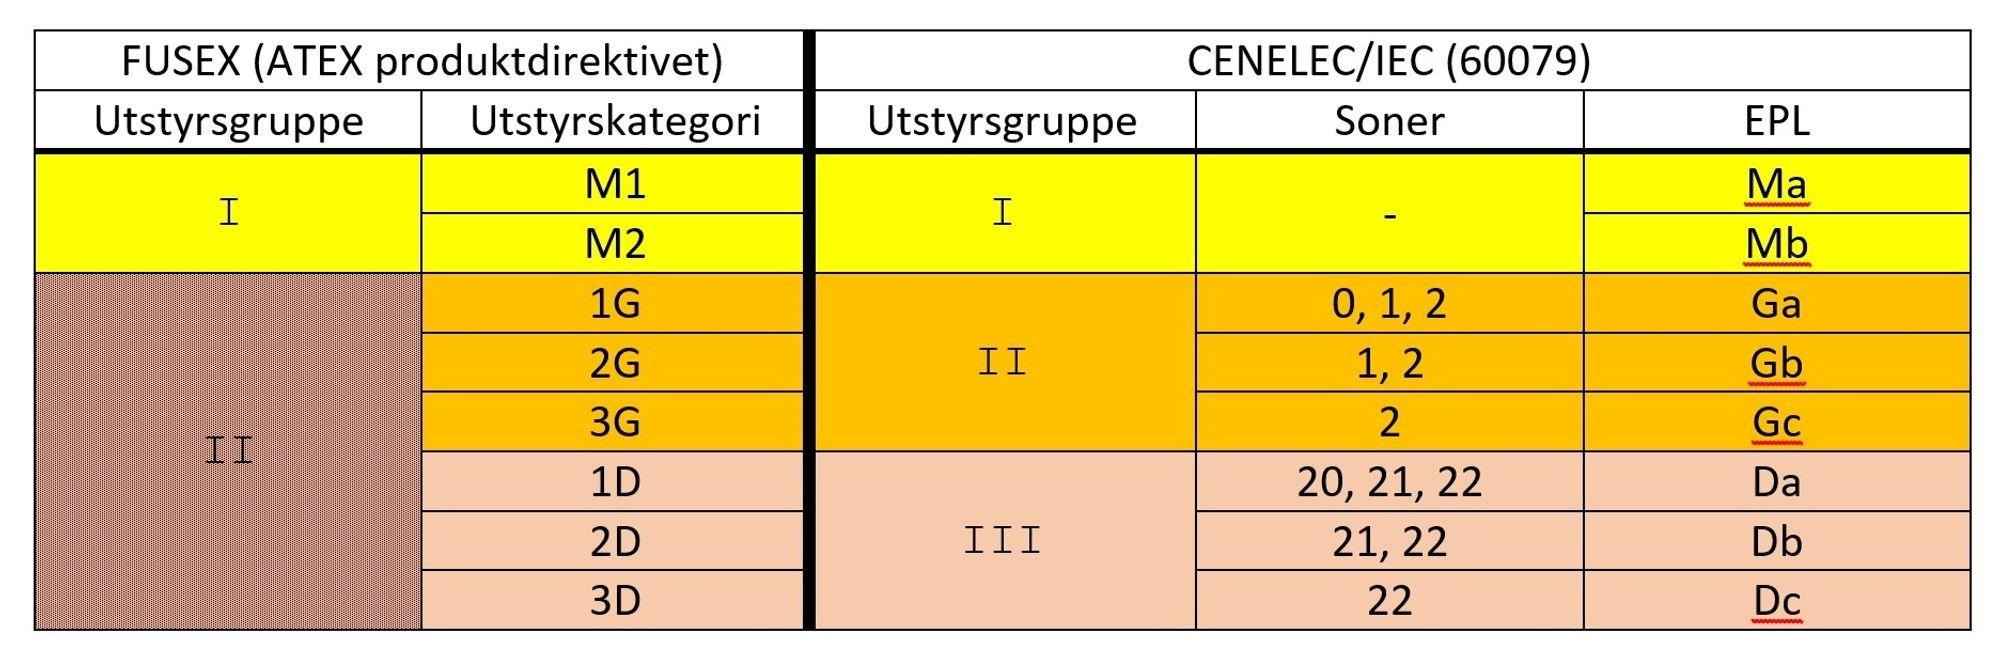 Produsentene merker sitt Ex-utstyr med symboler. Nedenfor kommer forklaring på de ulike symbolene i tabellen. ATEX og IEC har ulike inndelinger for Ex-utstyret. Mye er felles, mens det fins ulikheter.